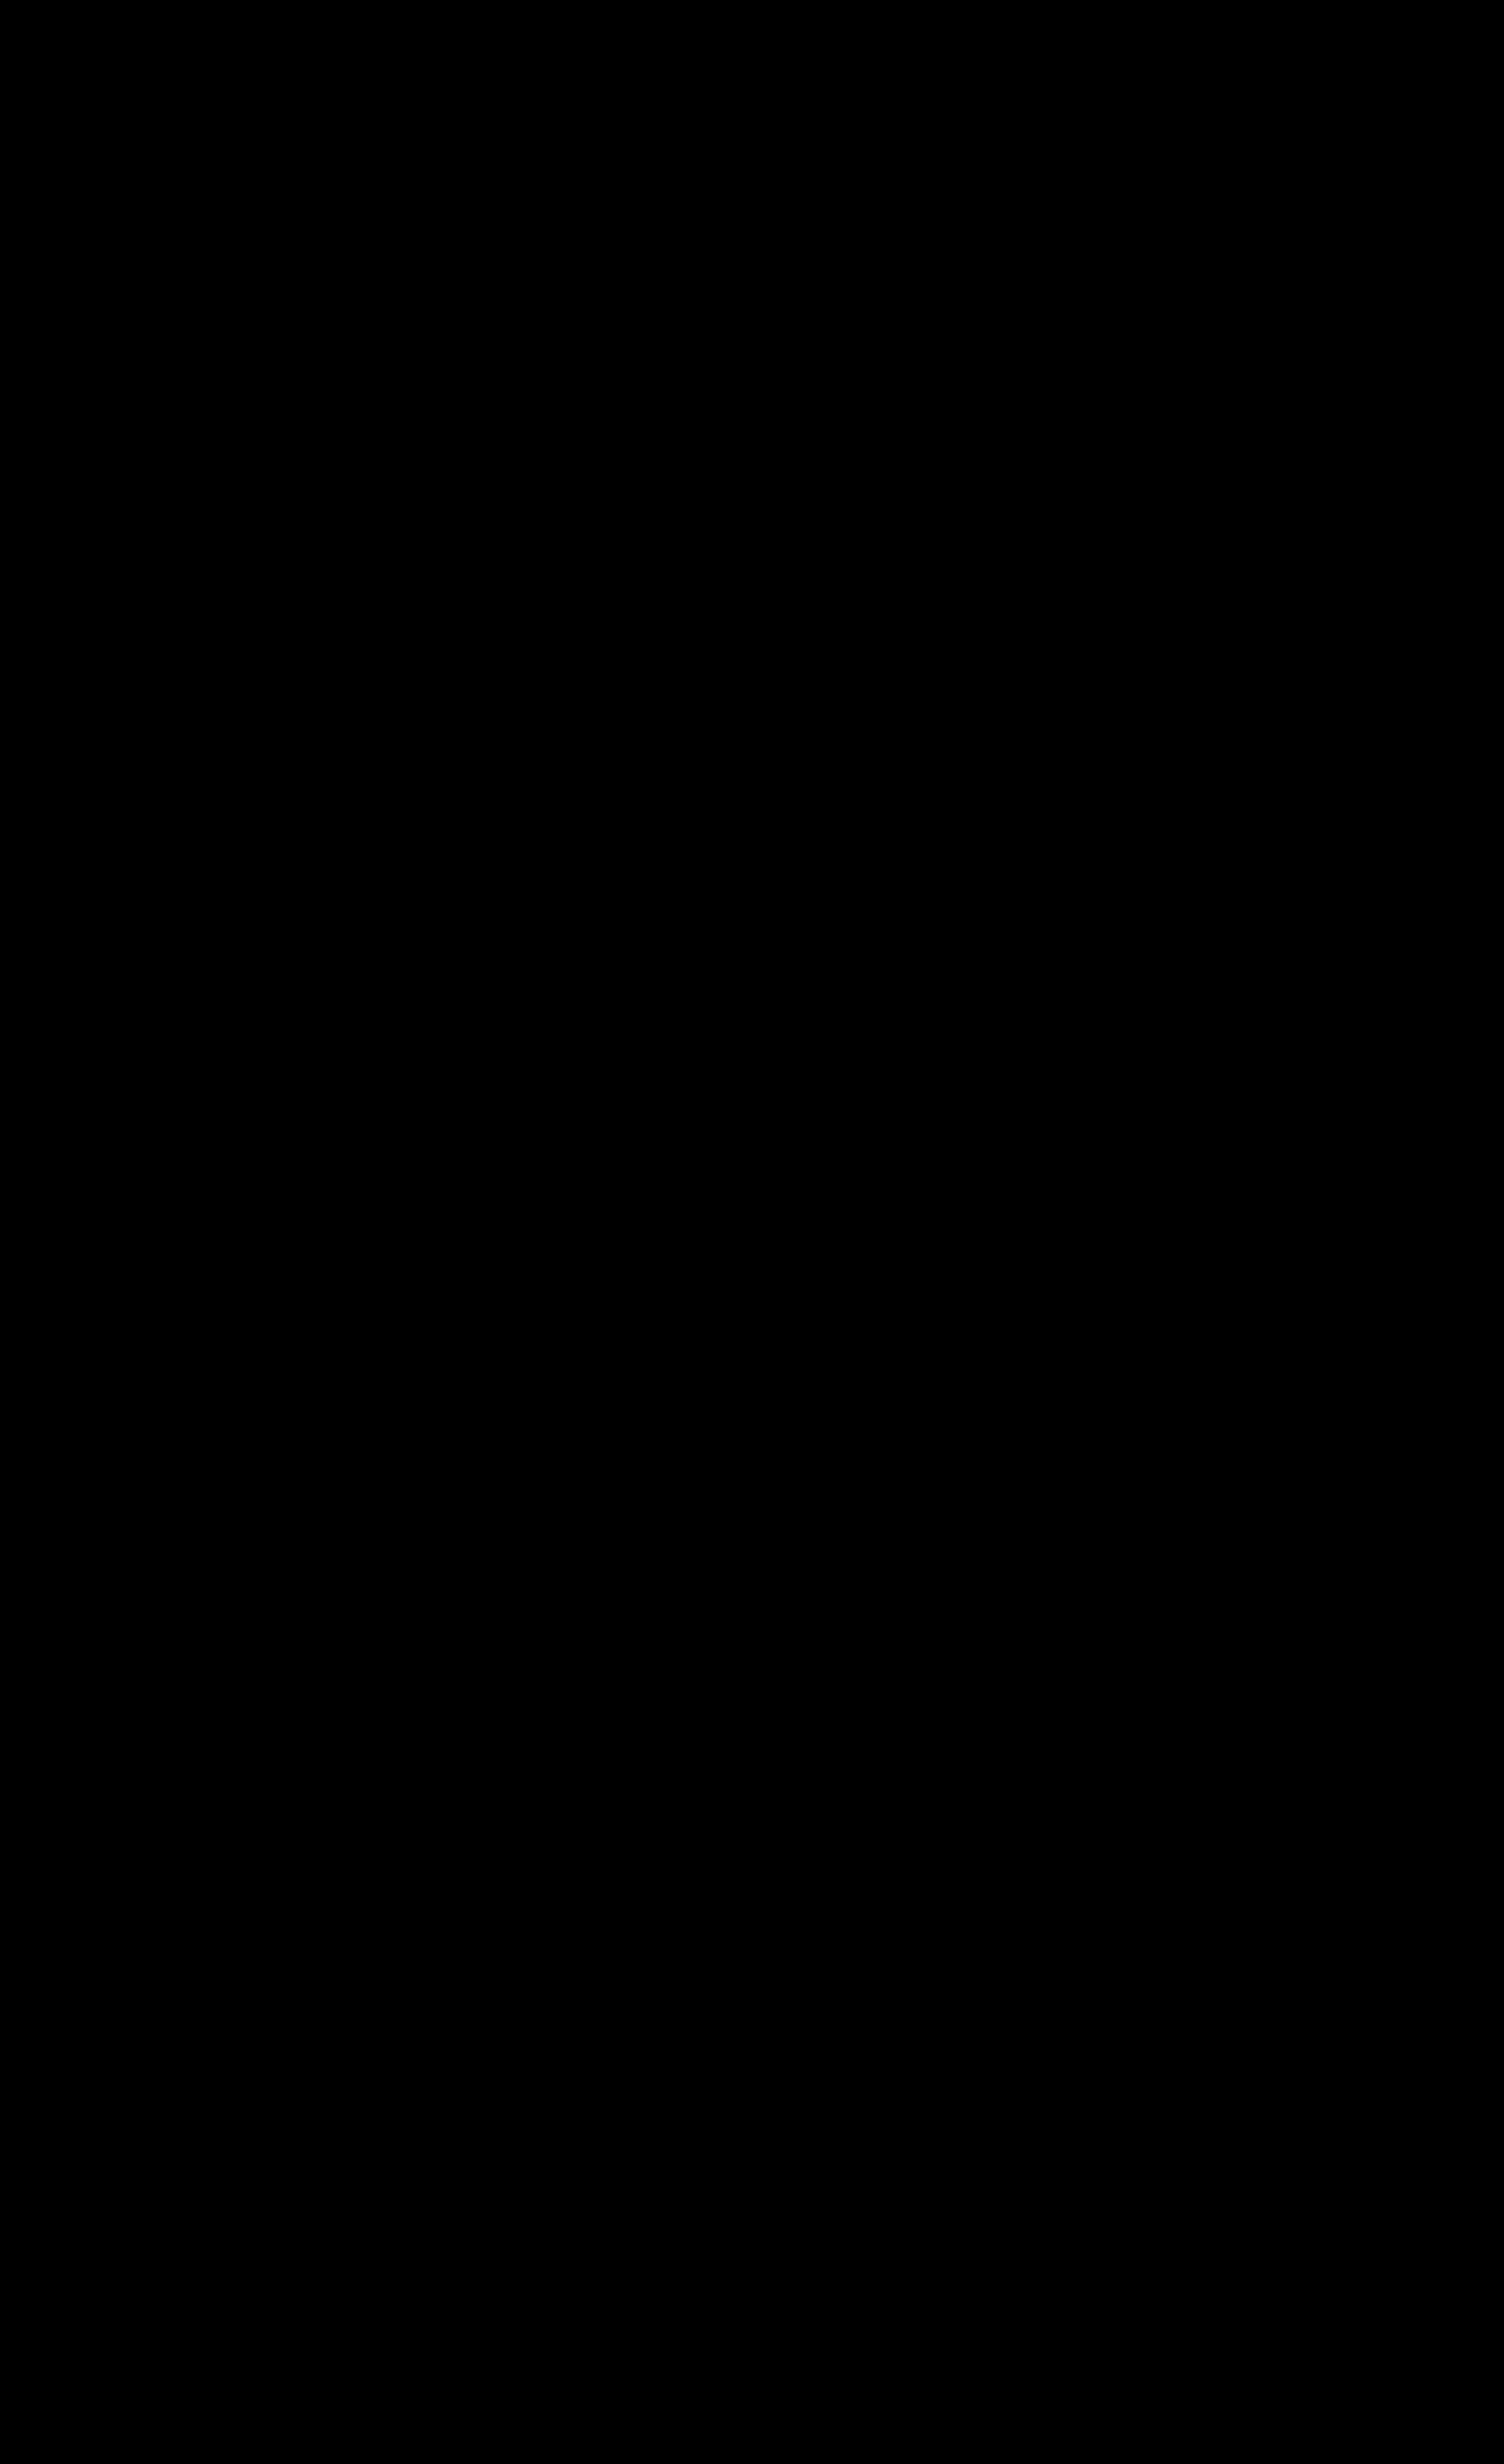 2020 경기전 수복청 상설공연